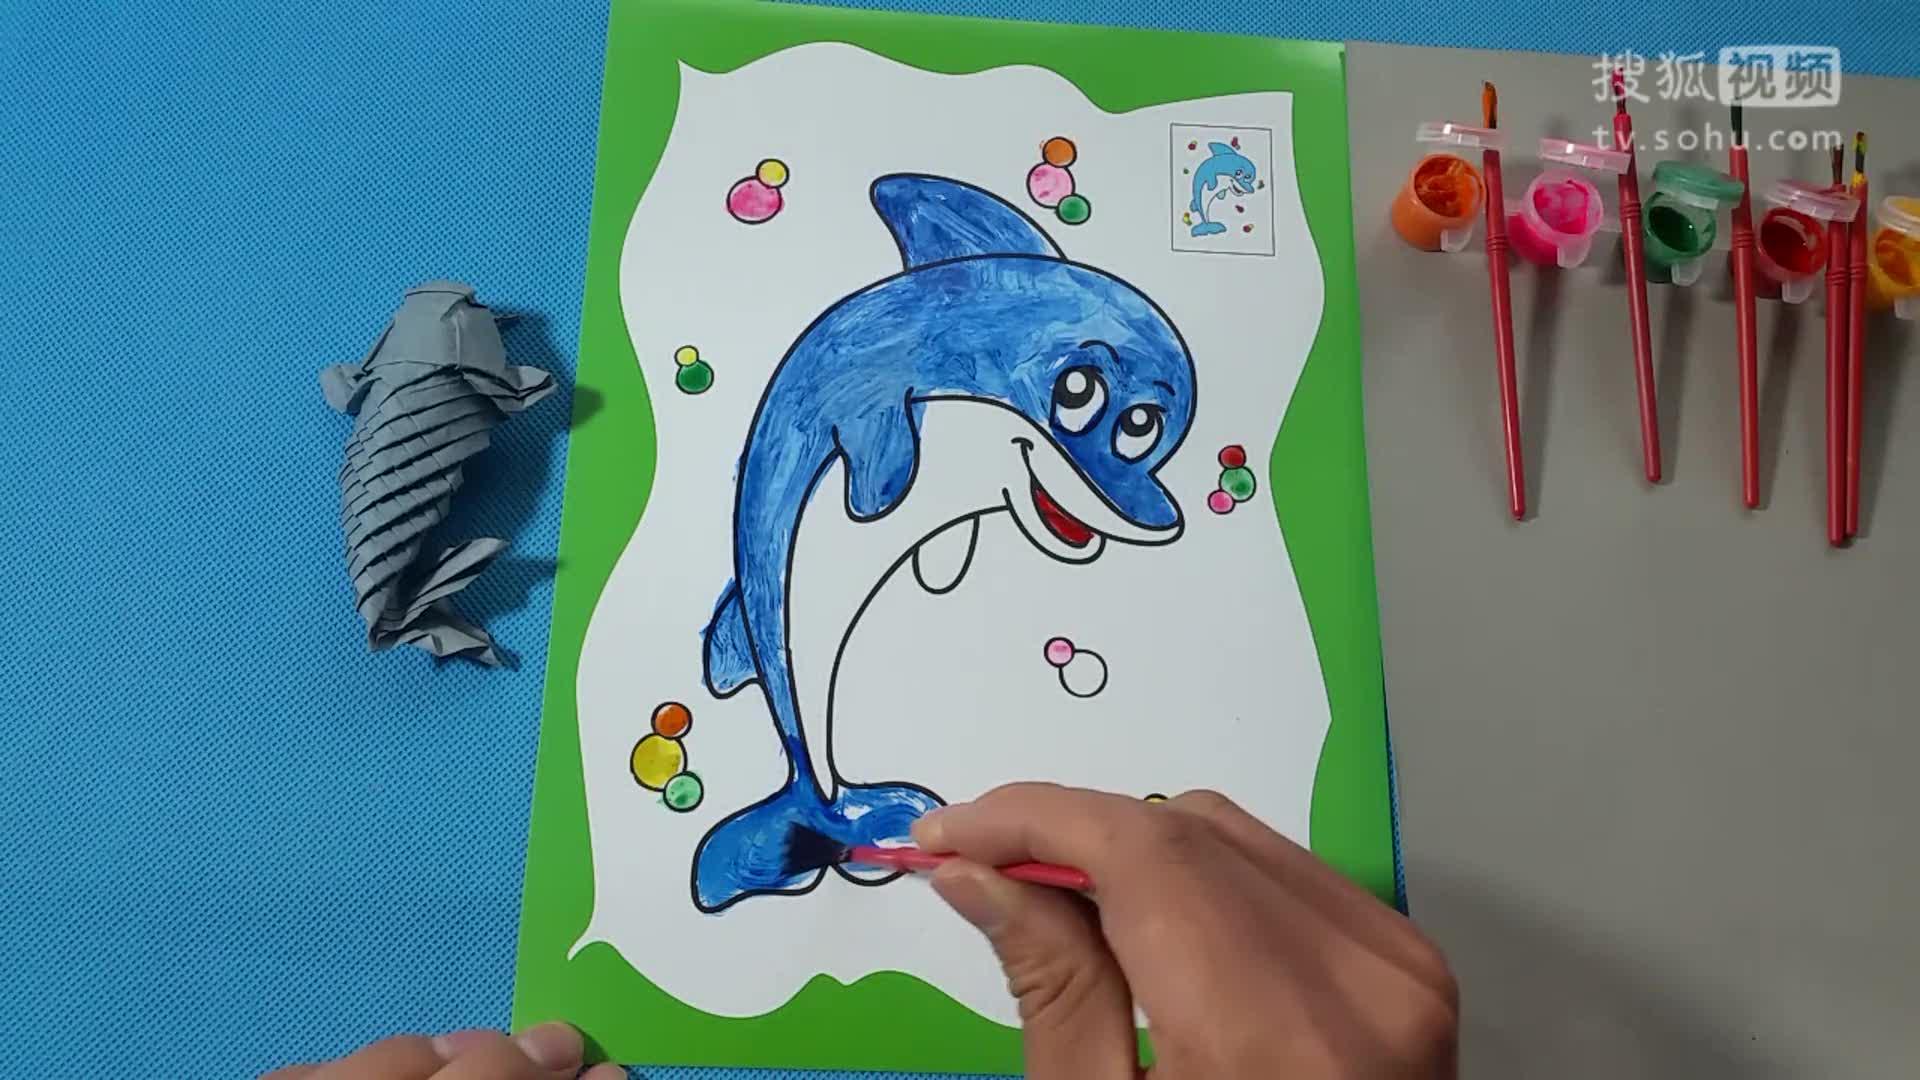 儿童水粉画 海豚水彩画智力手工diy 水彩画沙画涂色手工教学 小.